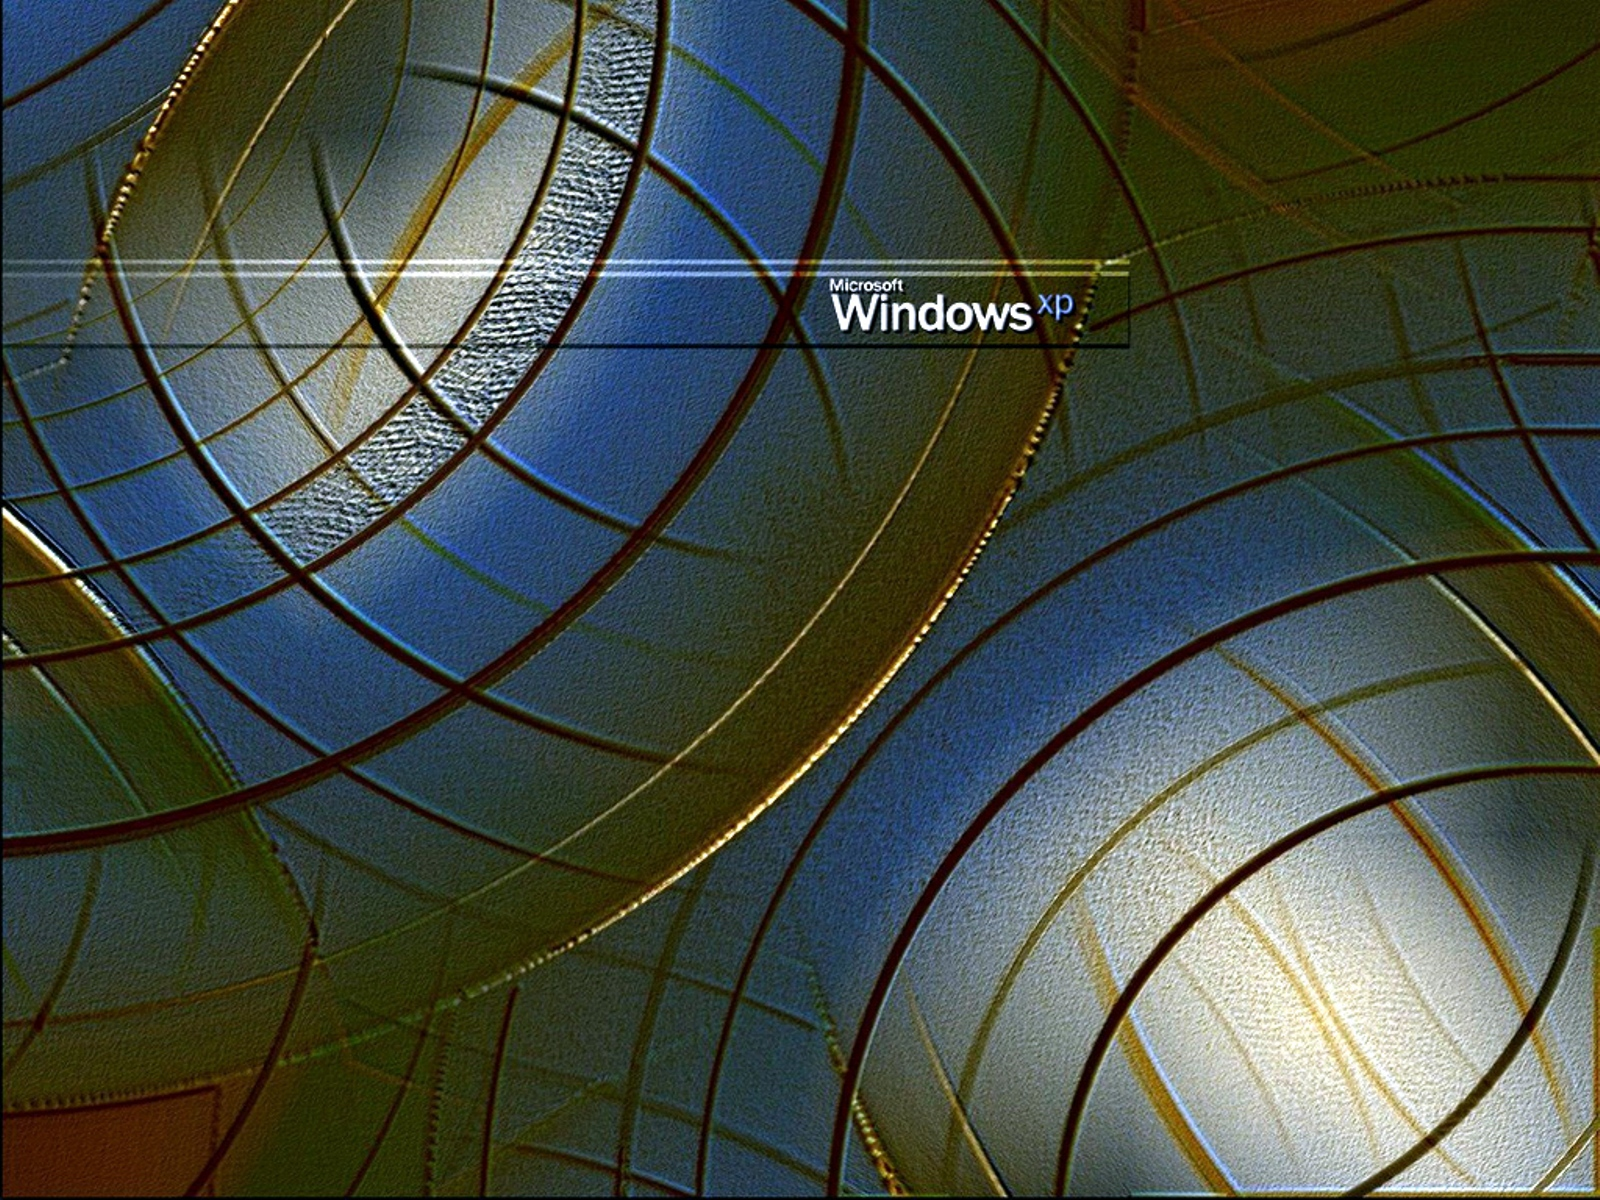 http://4.bp.blogspot.com/-Us3hoEbiZno/UFDpzYIhSwI/AAAAAAAAEO4/tK-m9_F7kCc/s1600/23.jpg